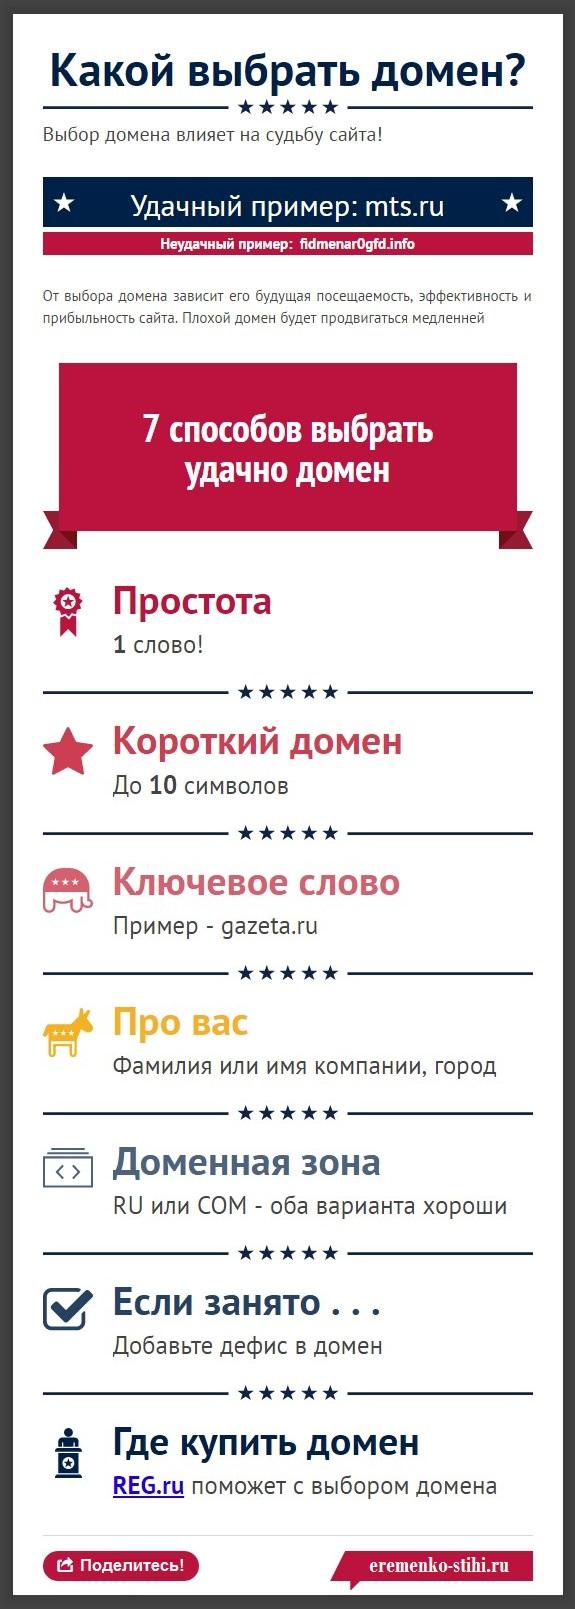 243 Как выбрать домен - инфографика